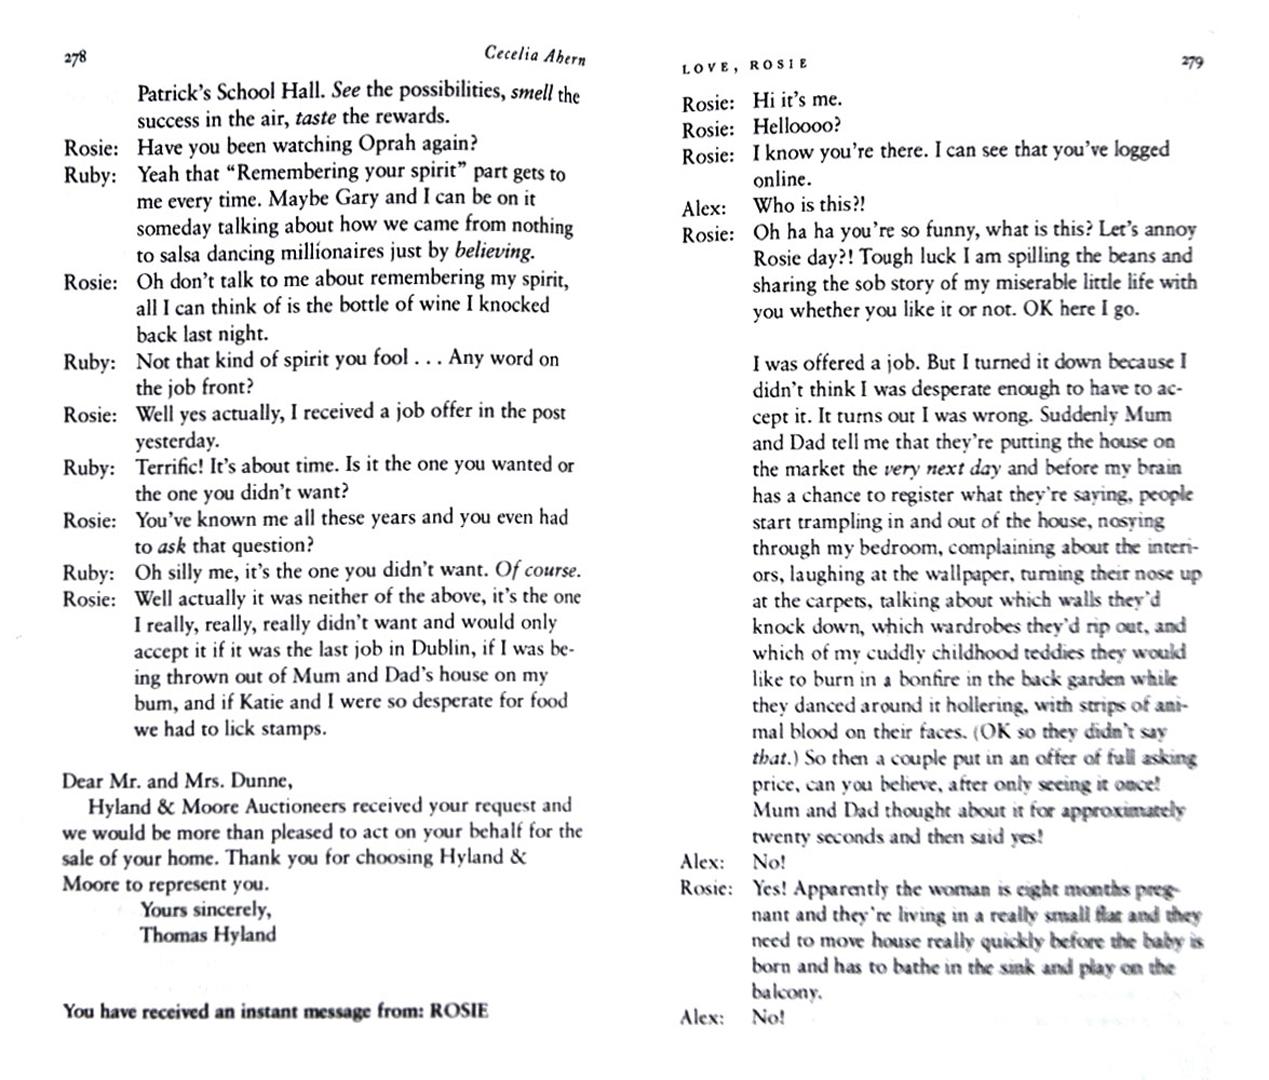 Иллюстрация 1 из 9 для Love, Rosie - Cecelia Ahern | Лабиринт - книги. Источник: Лабиринт